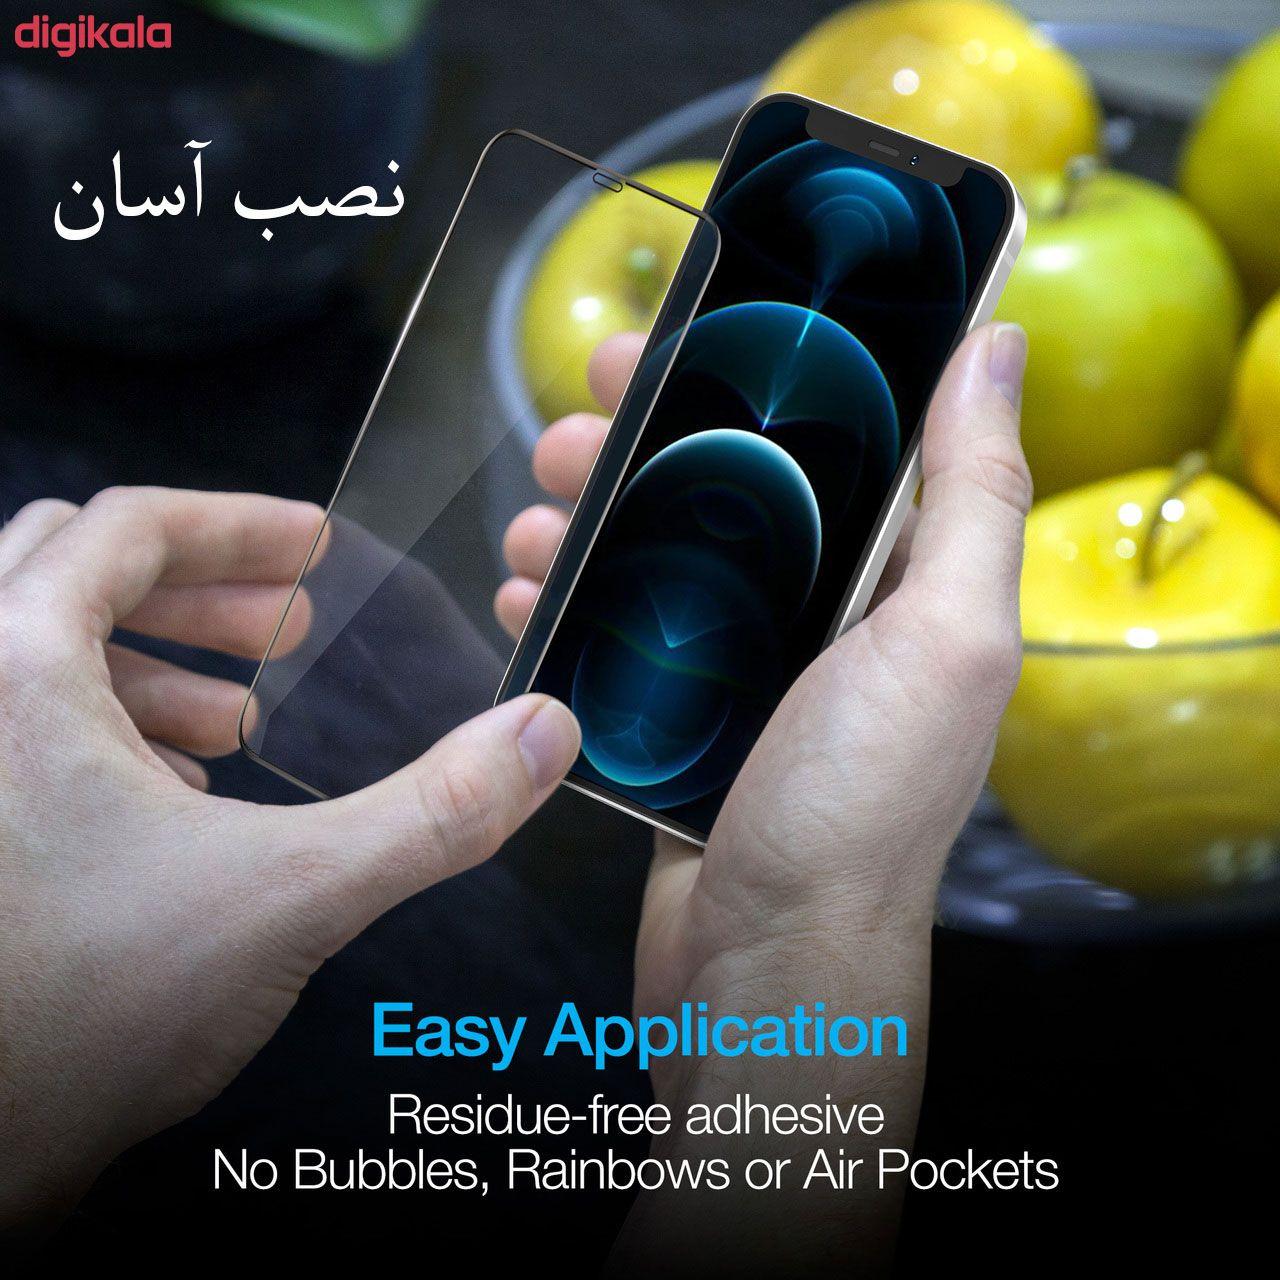 محافظ صفحه نمایش مدل FCG مناسب برای گوشی موبایل اپل iPhone 12 Pro Max بسته دو عددی main 1 15